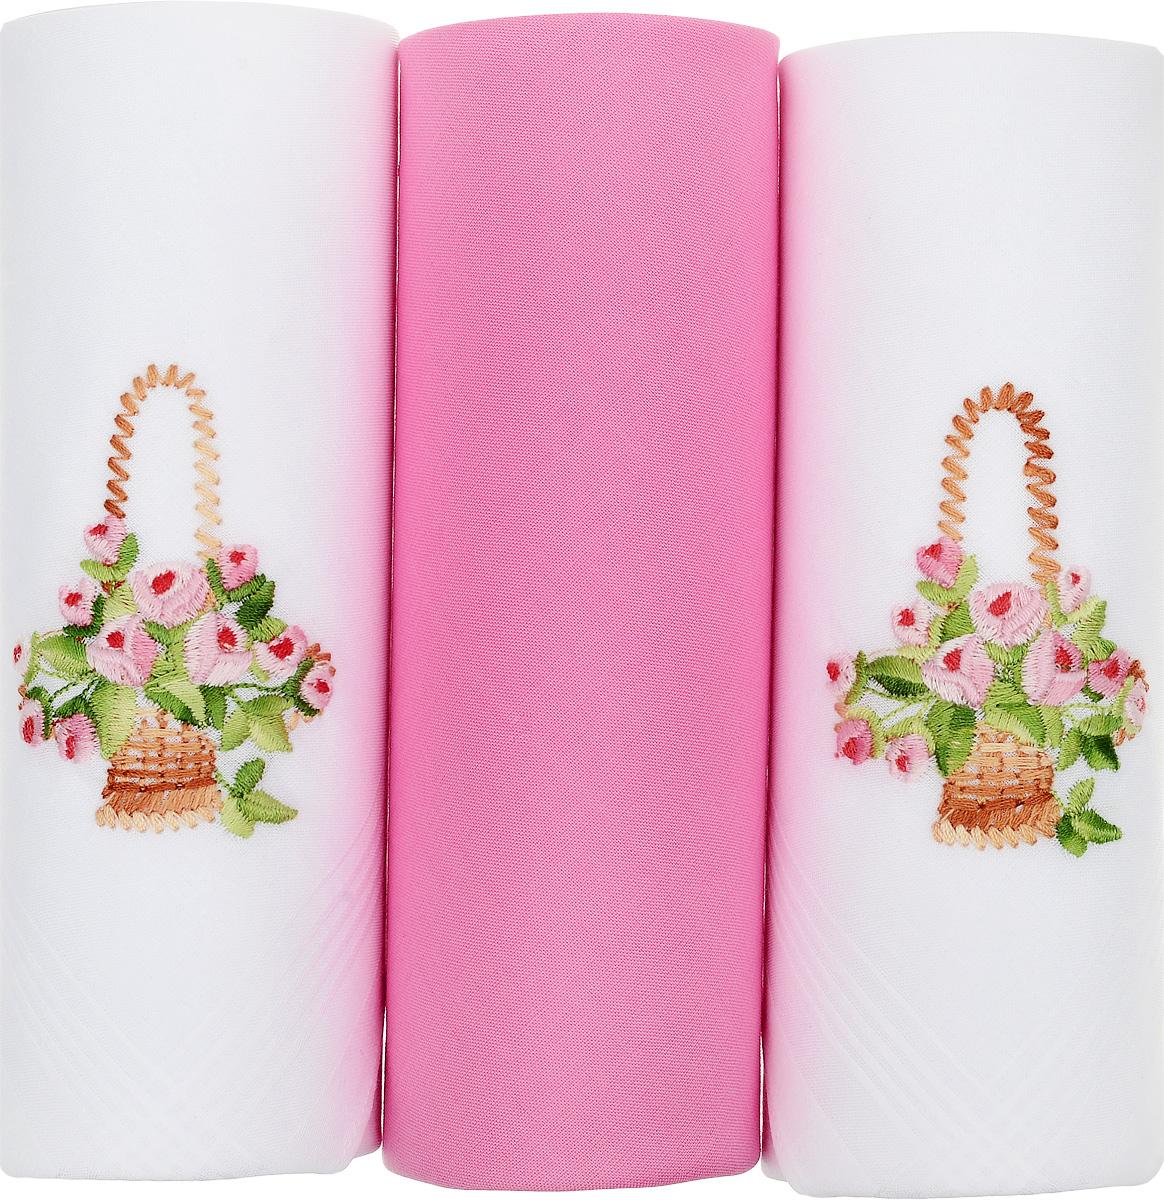 Платок носовой женский Zlata Korunka, цвет: белый, розовый, 3 шт. 25605-9. Размер 30 см х 30 см25605-9Небольшой женский носовой платок Zlata Korunka изготовлен из высококачественного натурального хлопка, благодаря чему приятен в использовании, хорошо стирается, не садится и отлично впитывает влагу. Практичный и изящный носовой платок будет незаменим в повседневной жизни любого современного человека. Такой платок послужит стильным аксессуаром и подчеркнет ваше превосходное чувство вкуса. В комплекте 3 платка.